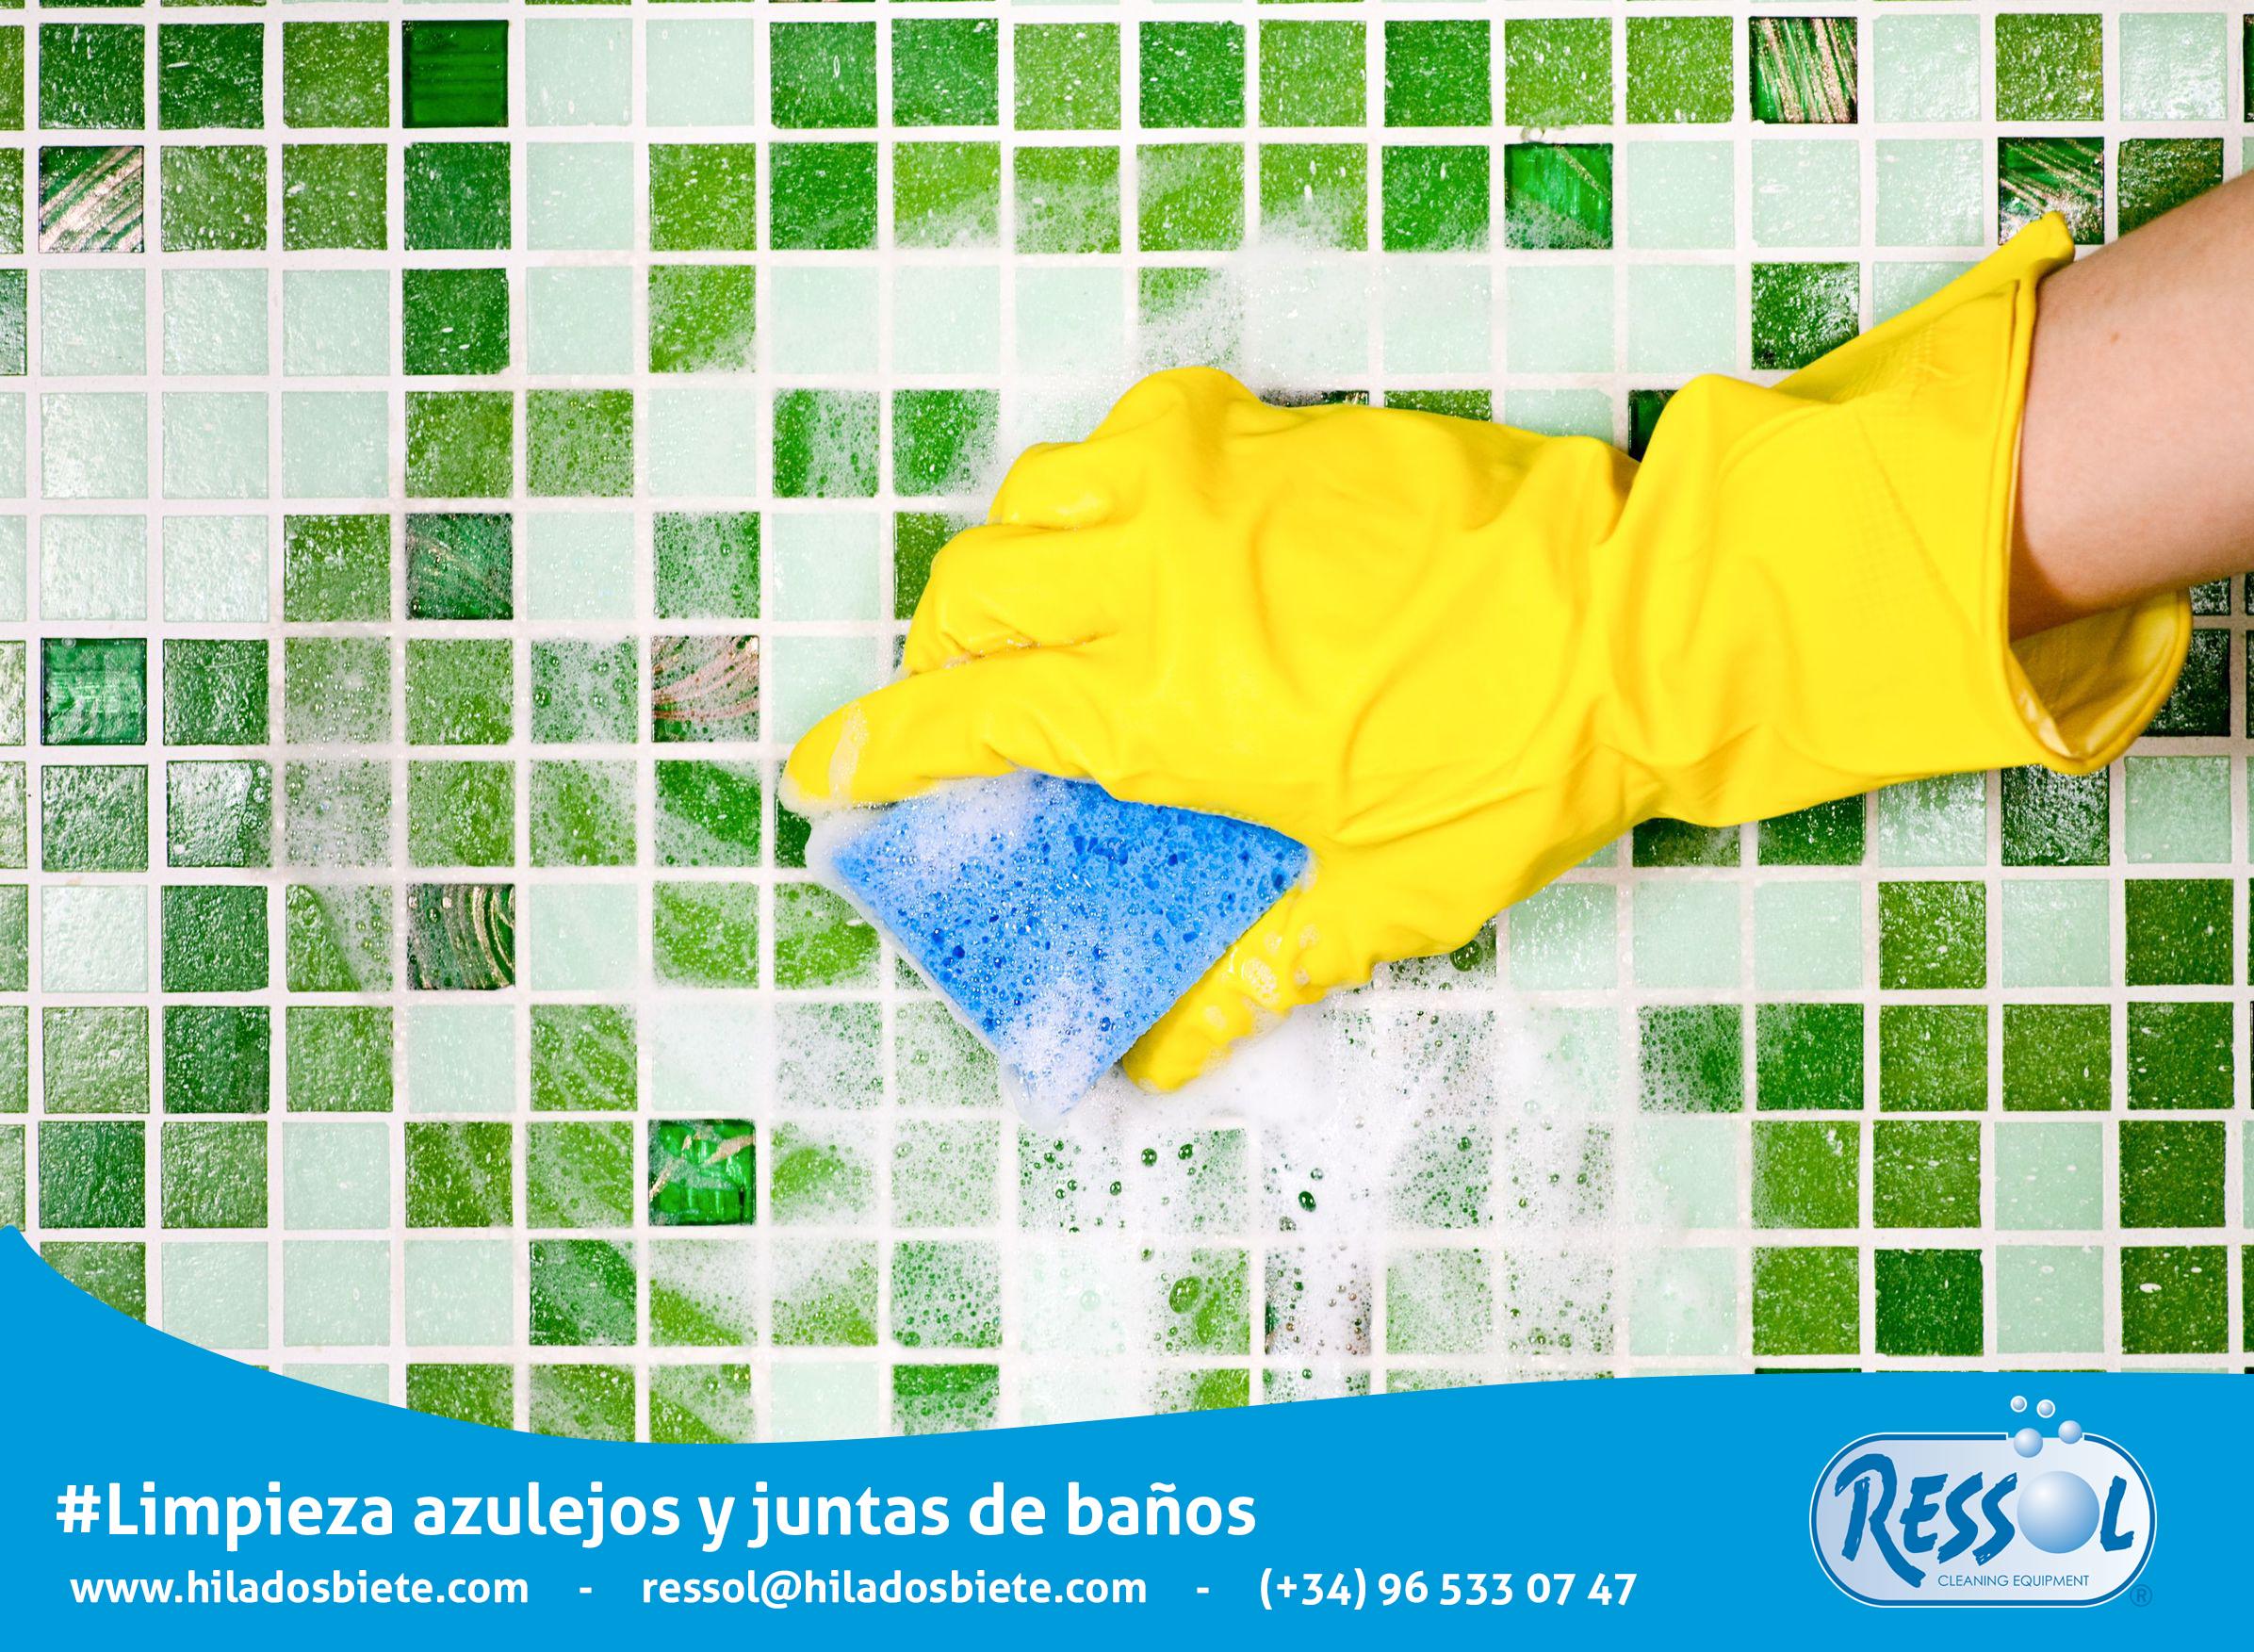 C mo limpiar azulejos y juntas de ba o eficazmente for Como limpiar juntas azulejos bano